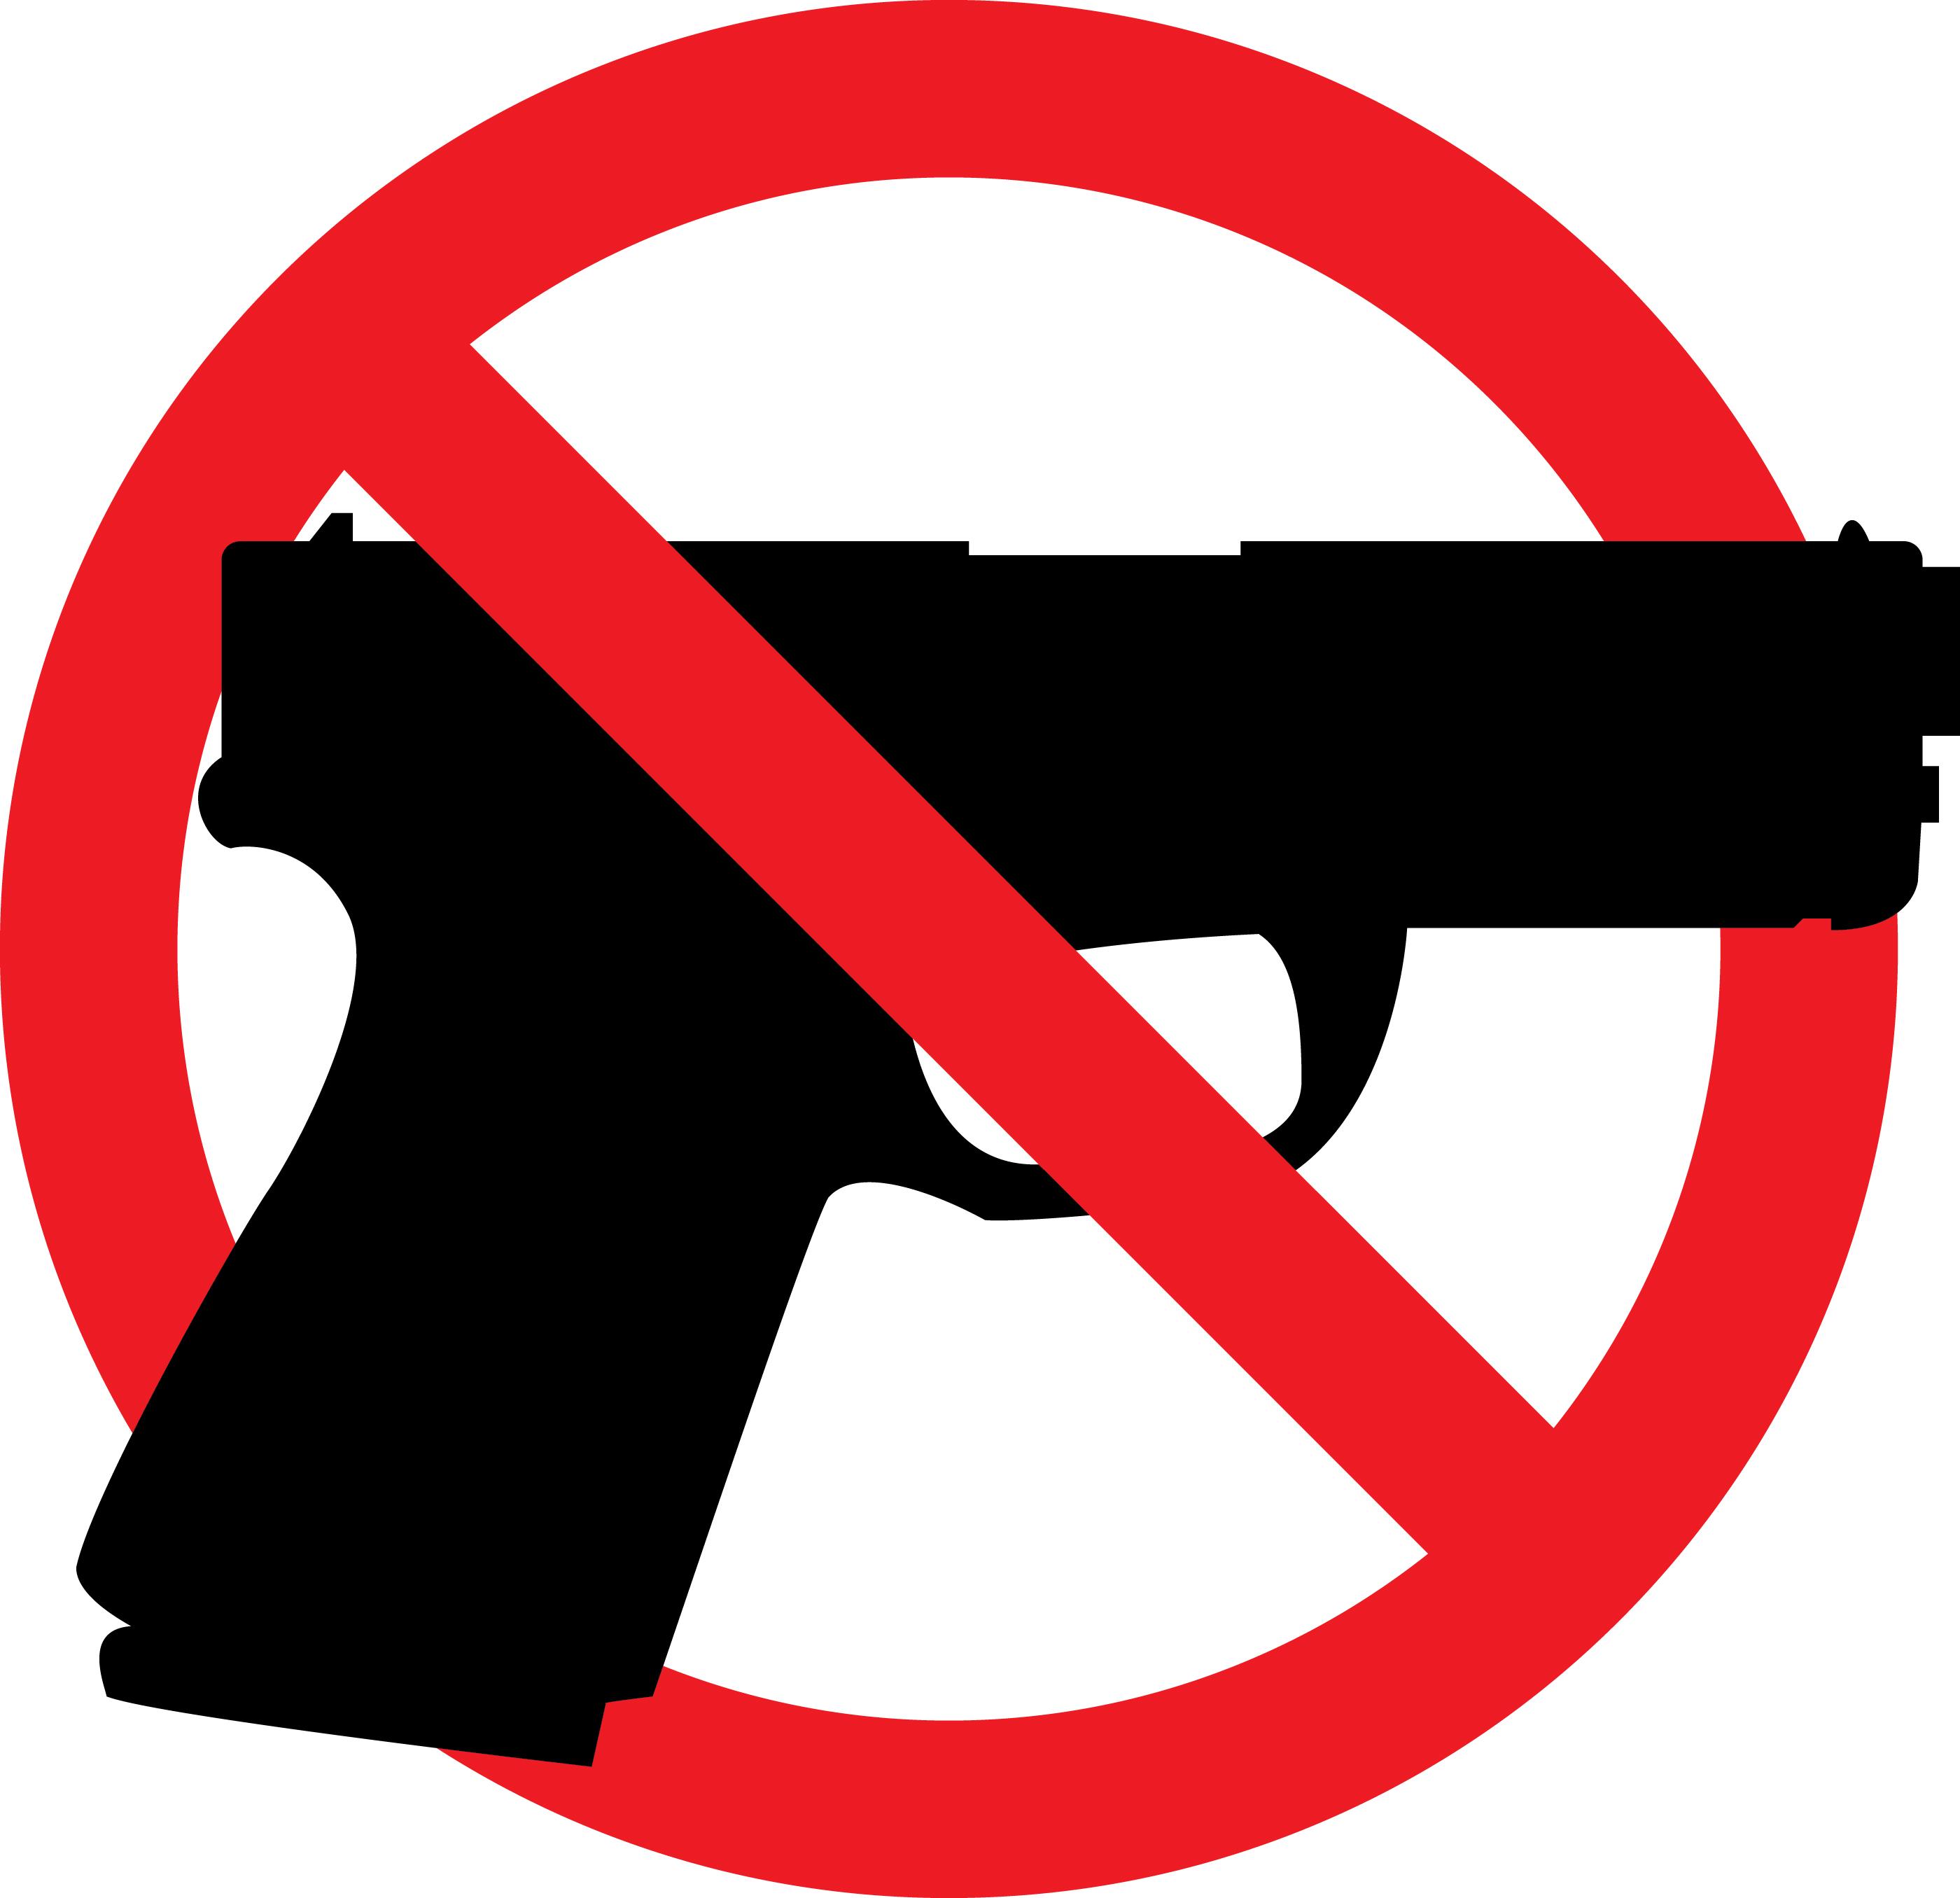 Gun clipart legal #9